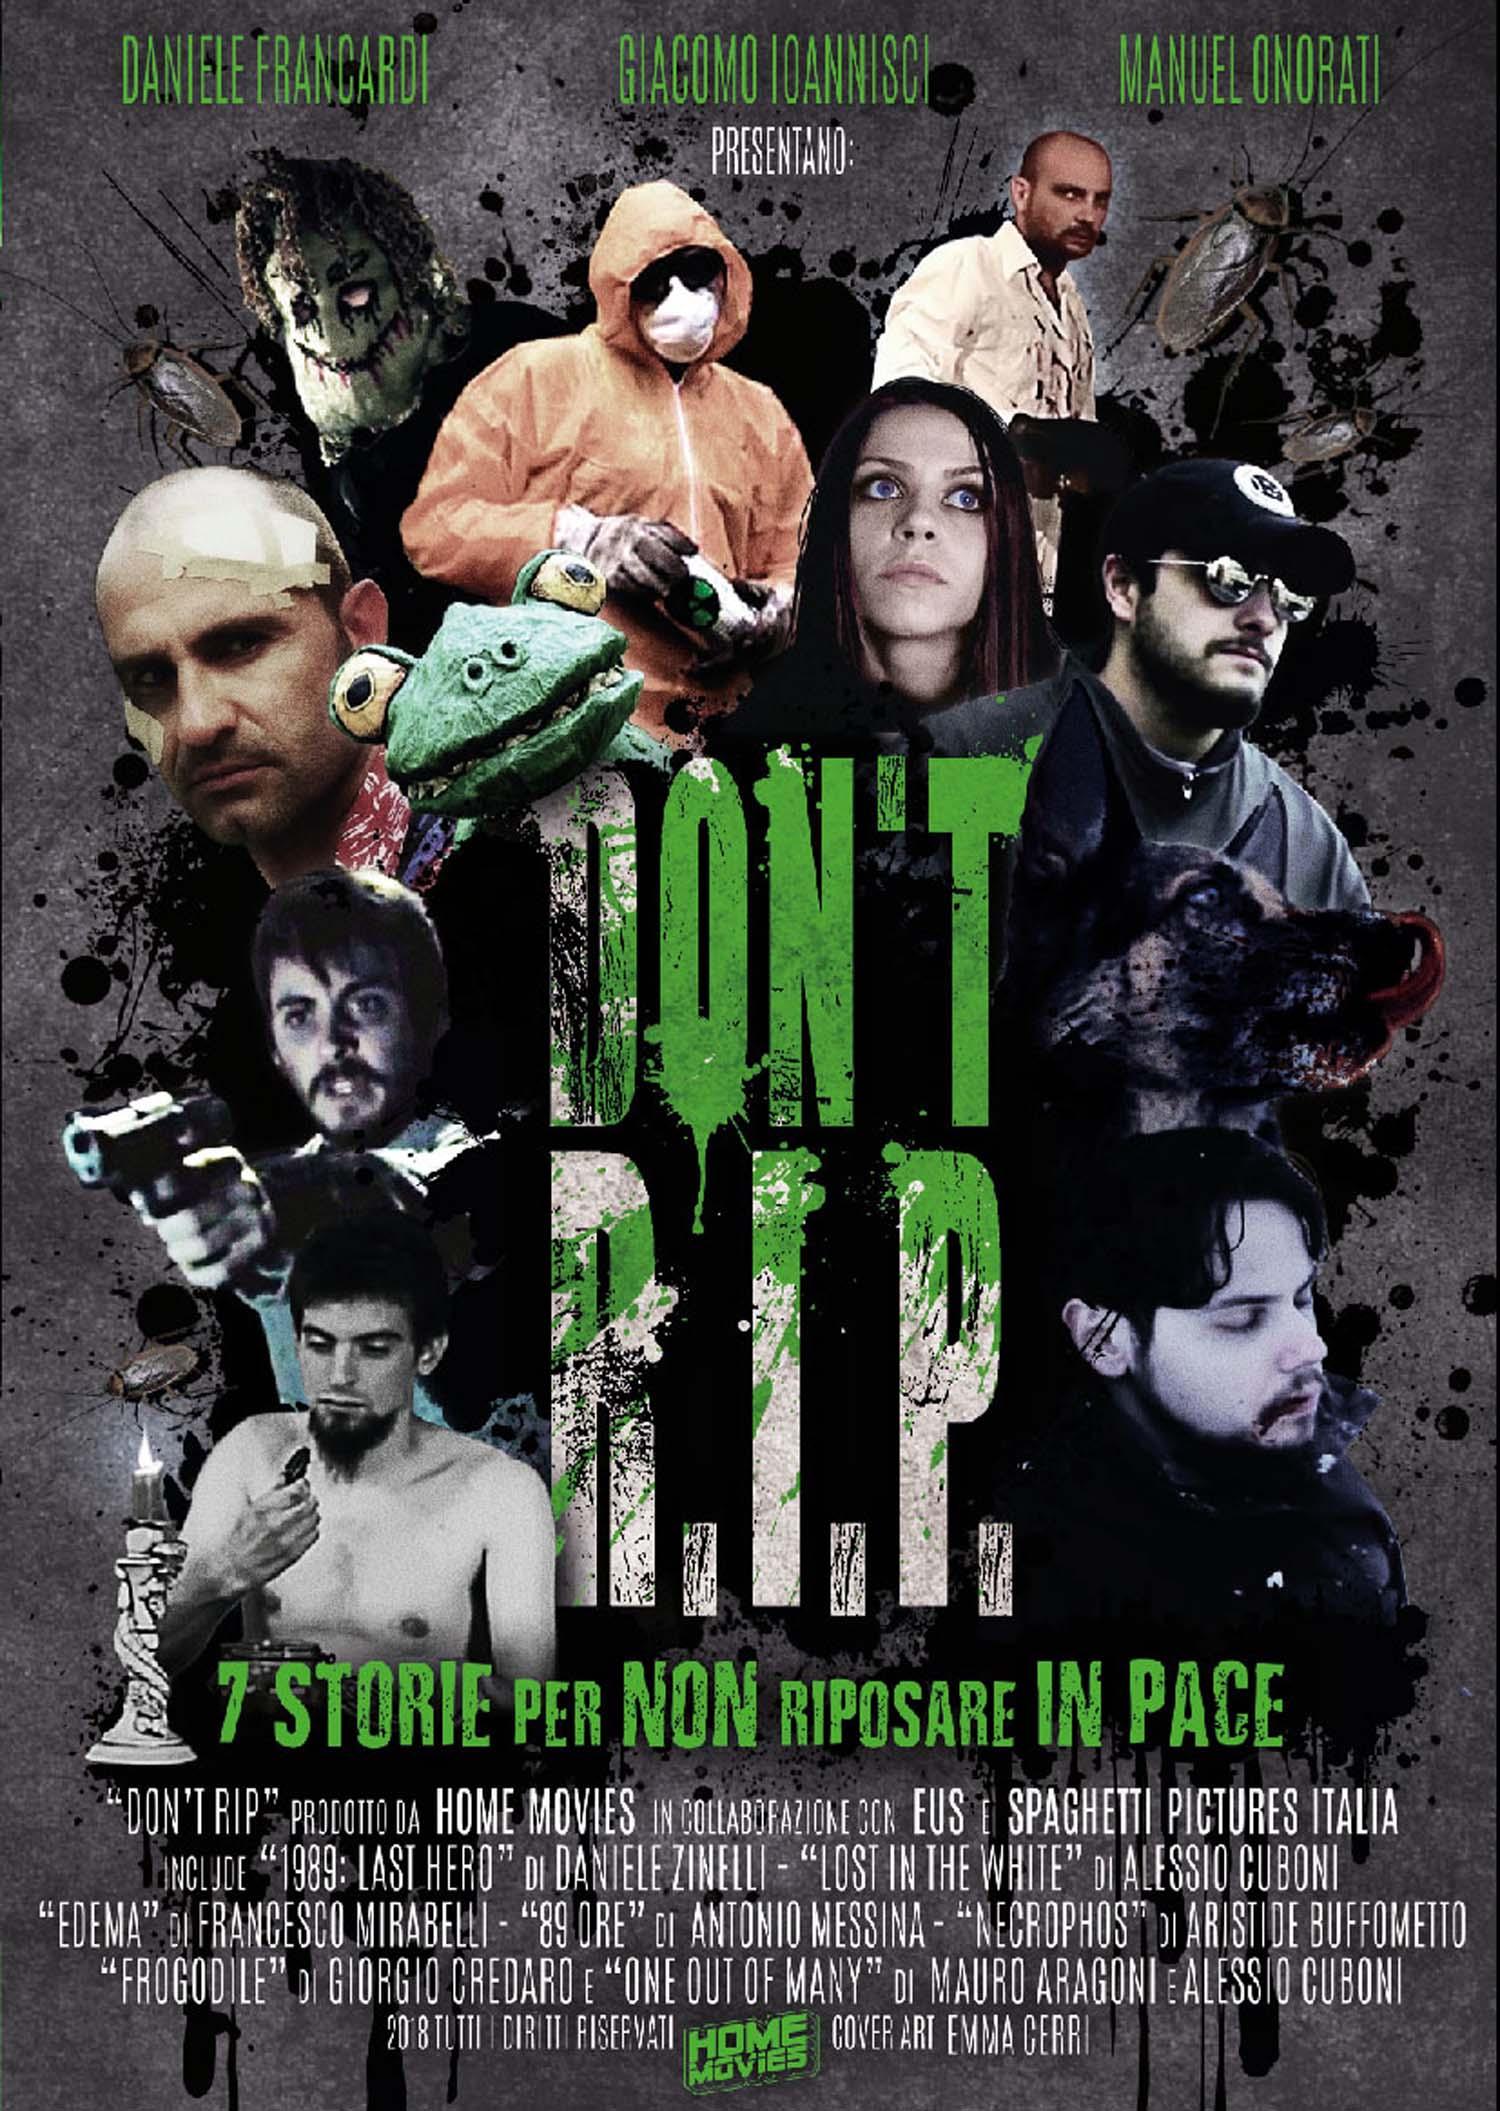 DON'T R.I.P. (EDIZIONE LIMITATA E NUMERATA 500 COPIE) (DVD)